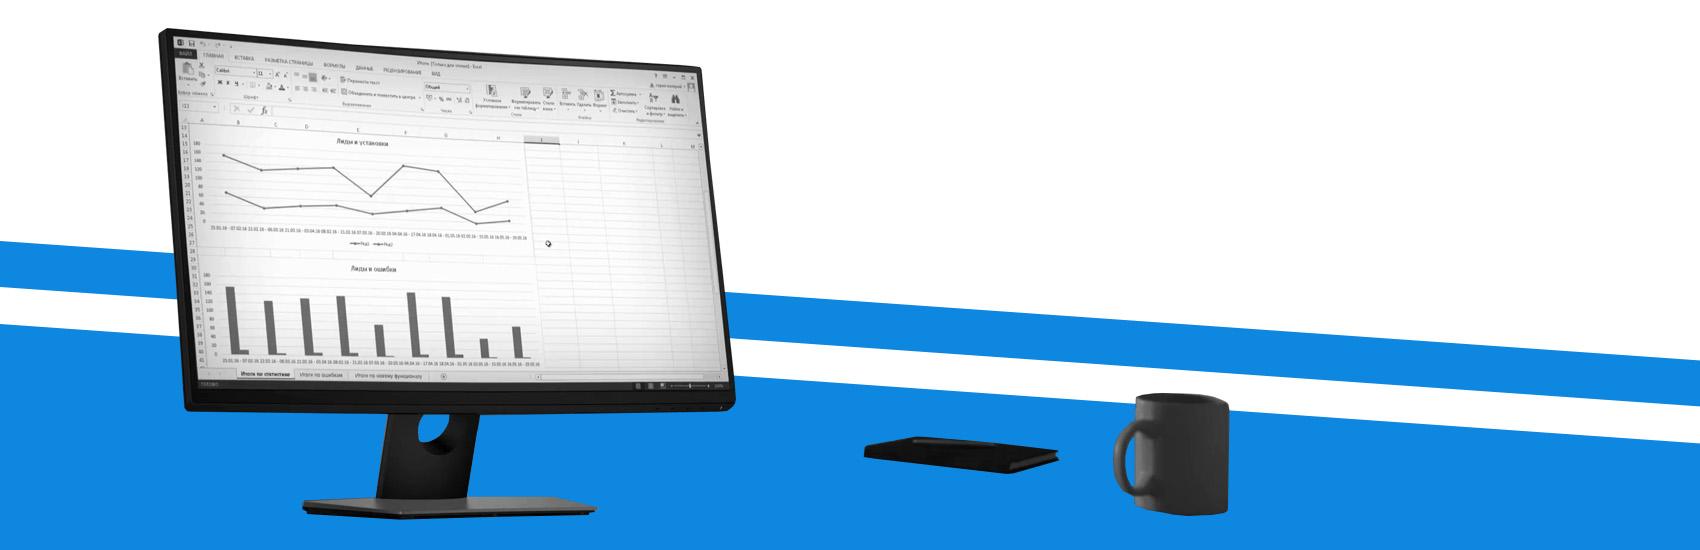 Инструменты контроля и учета рабочего времени сотрудников